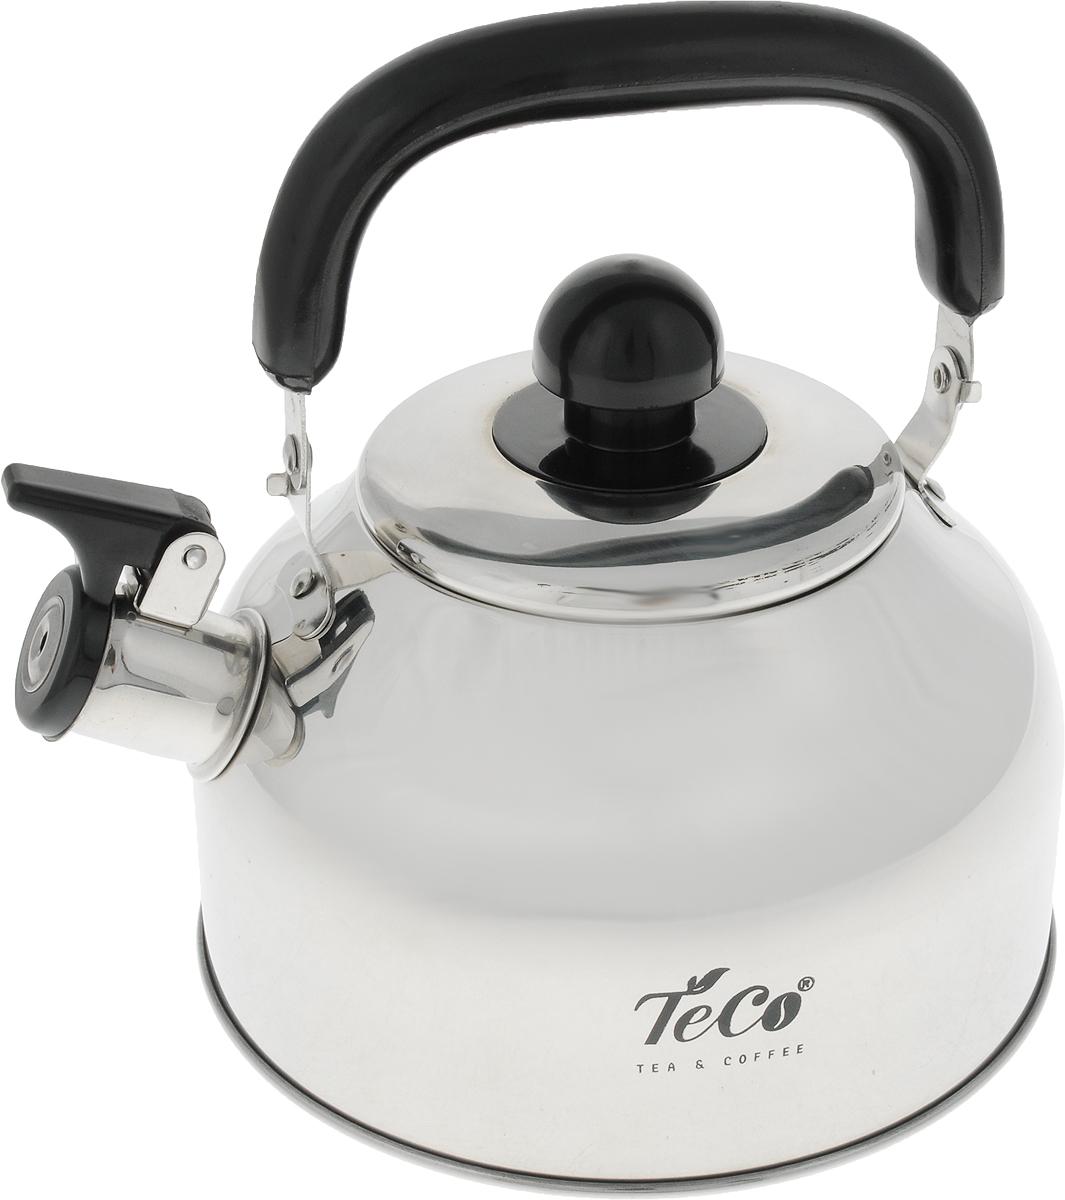 """Чайник """"Teco"""" выполнен из высококачественной нержавеющей стали c капсульным дном, которая не окисляется и не впитывает запахи, напитки всегда будут ароматны. Фиксированная ручка, изготовленная из металла и бакелита, Носик снабжен открывающимся свистком, что позволит вам контролировать процесс подогрева или кипячения воды.Эстетичный и функциональный чайник будет оригинально смотреться в любом интерьере.Подходит для всех типов плит, кроме индукционных. Можно мыть в посудомоечной машине."""